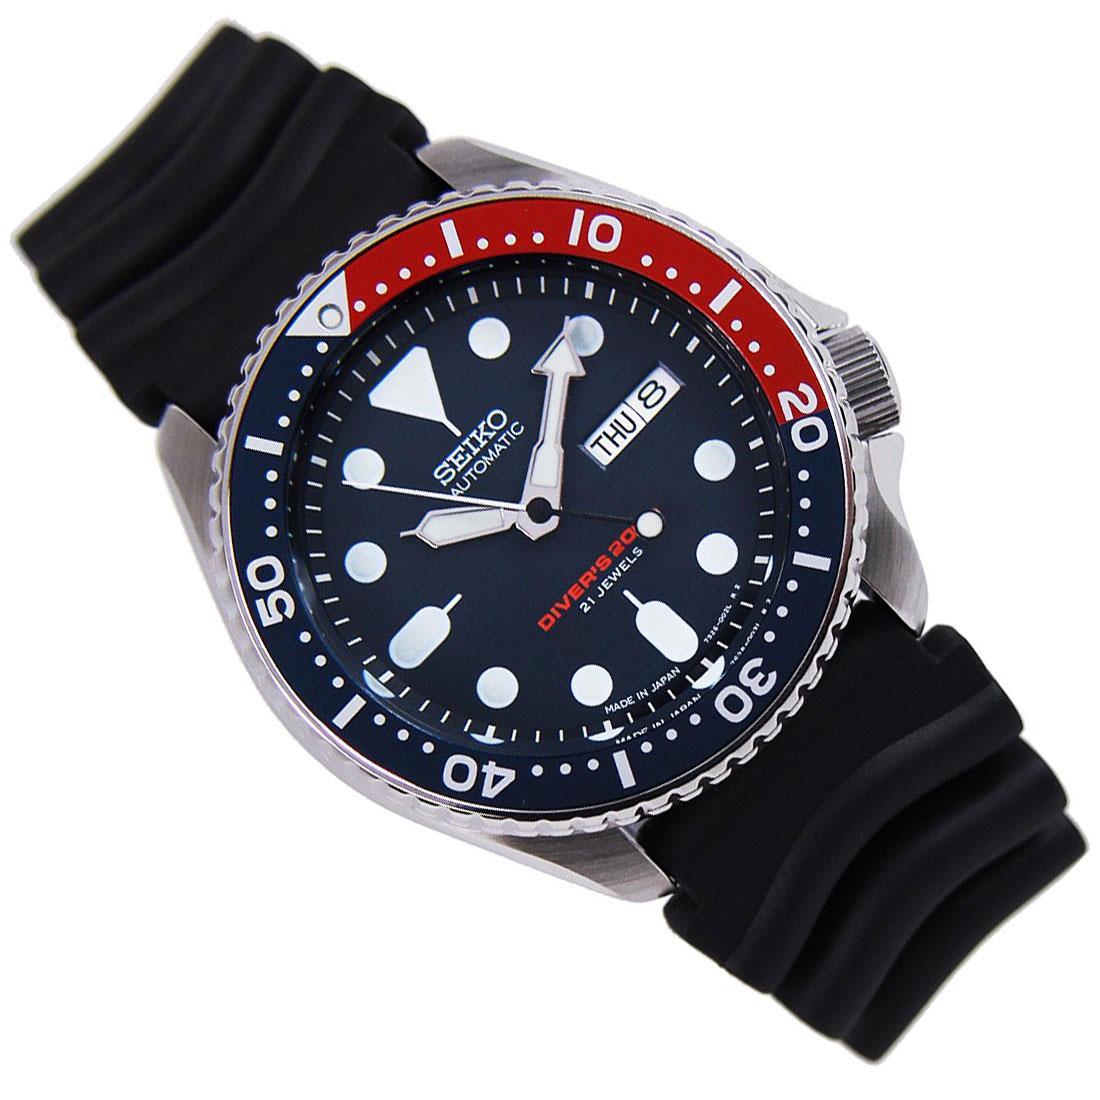 TOP-SELLING-Seiko-SKX009-SKX009J1-SKX009J2-SKX009K1-SKX009K2-Pepsi-Dive-Watch thumbnail 9